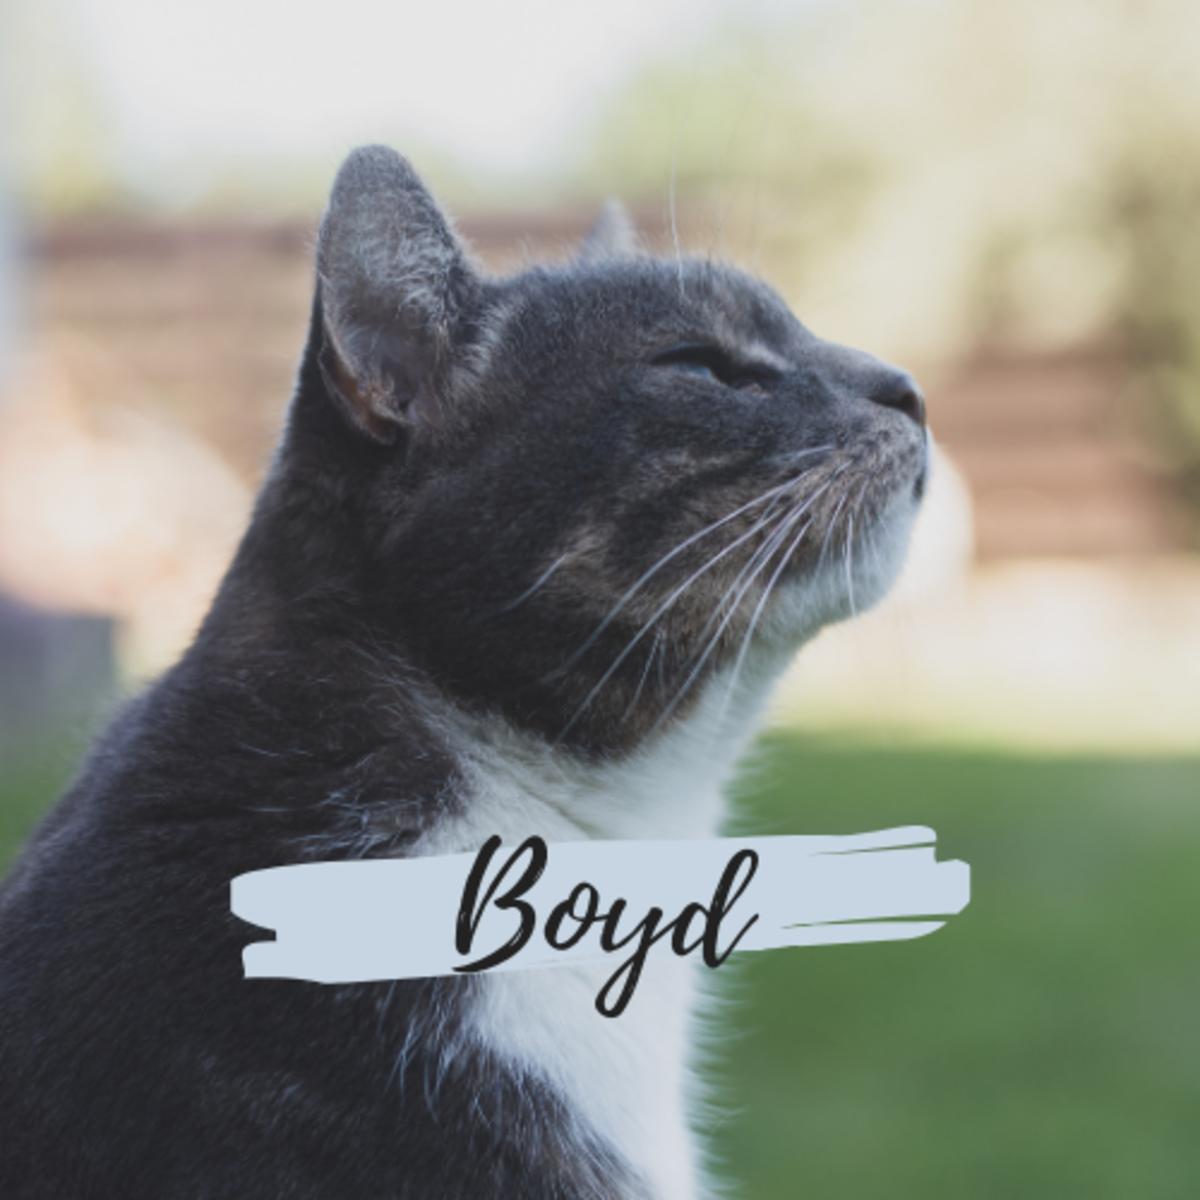 Is he a Boyd?